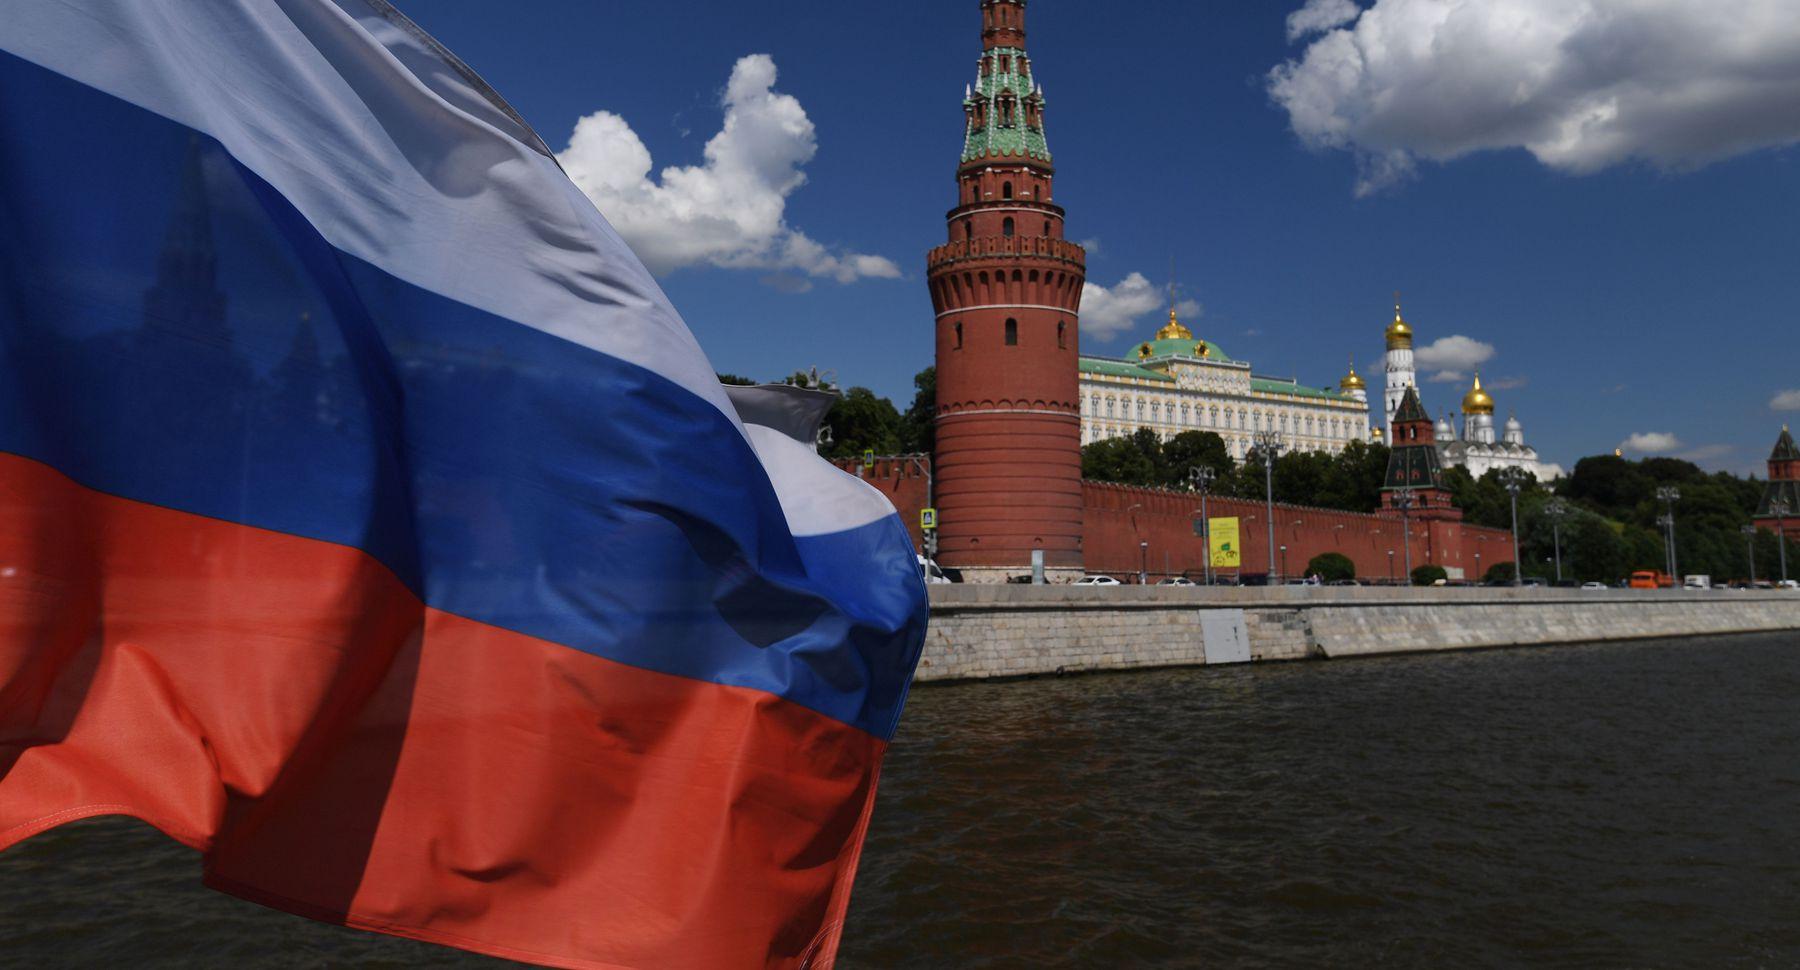 Жителей почти 40 стран спросили о «российской угрозе»